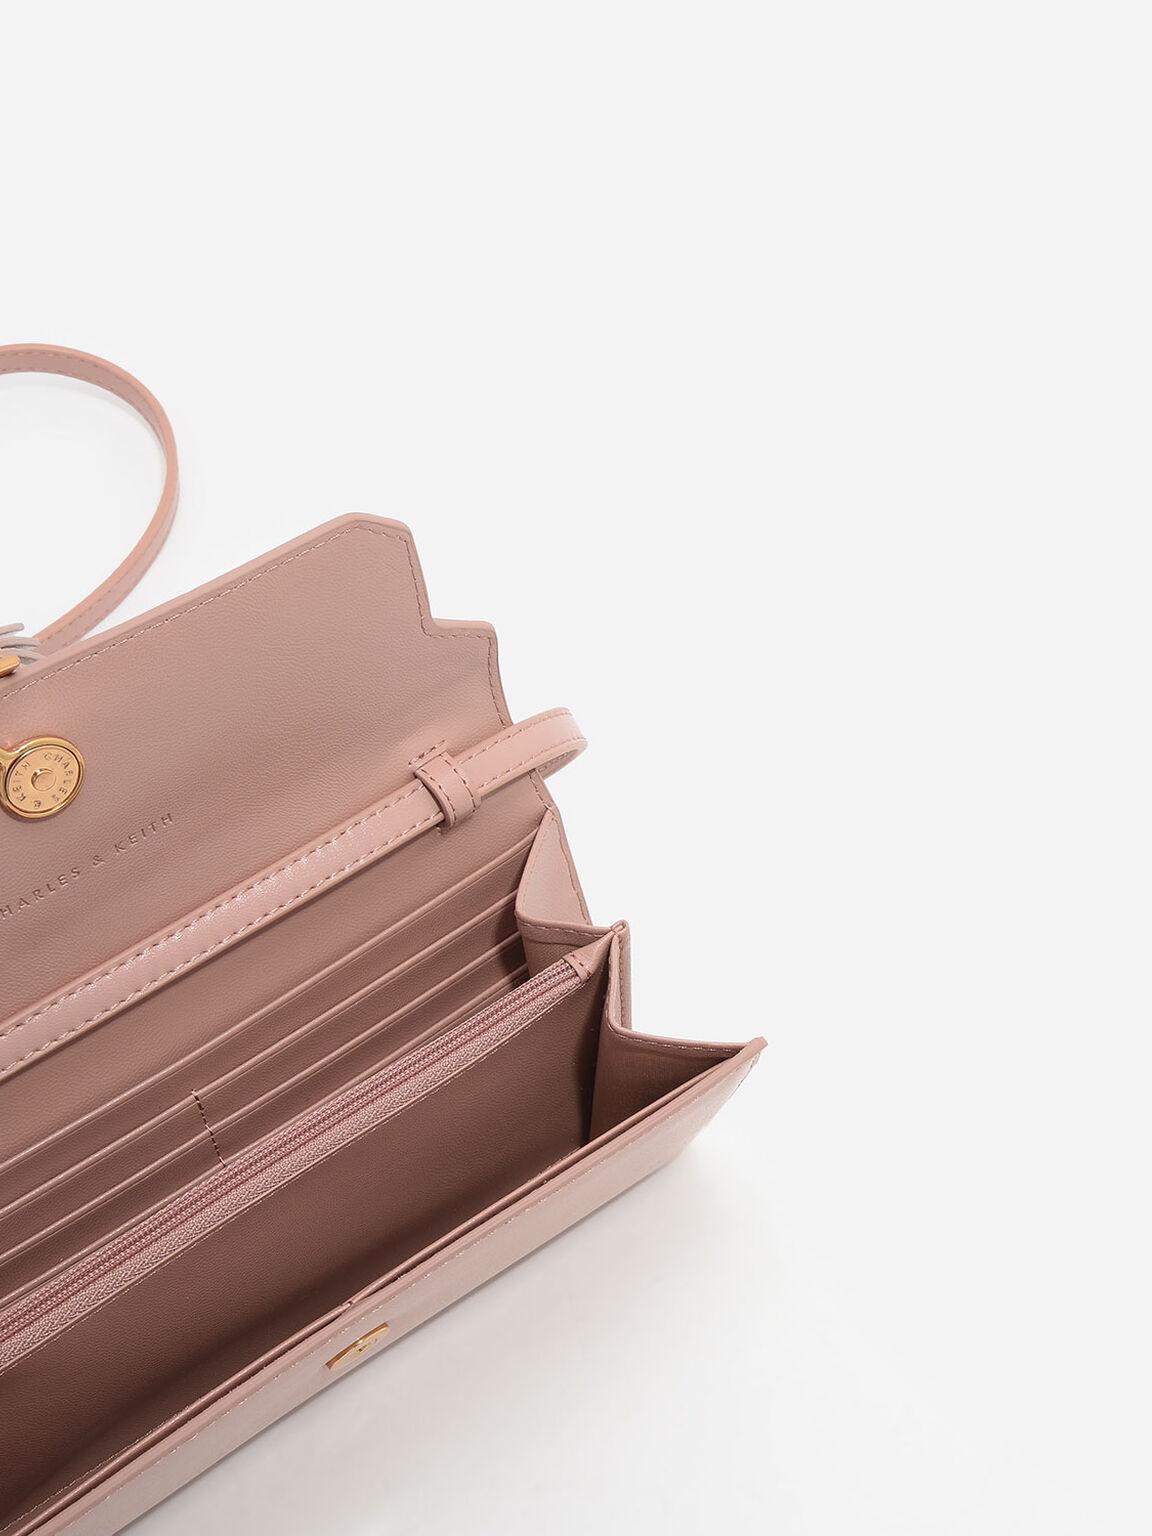 Tassel-Detail Wallet, Nude, hi-res